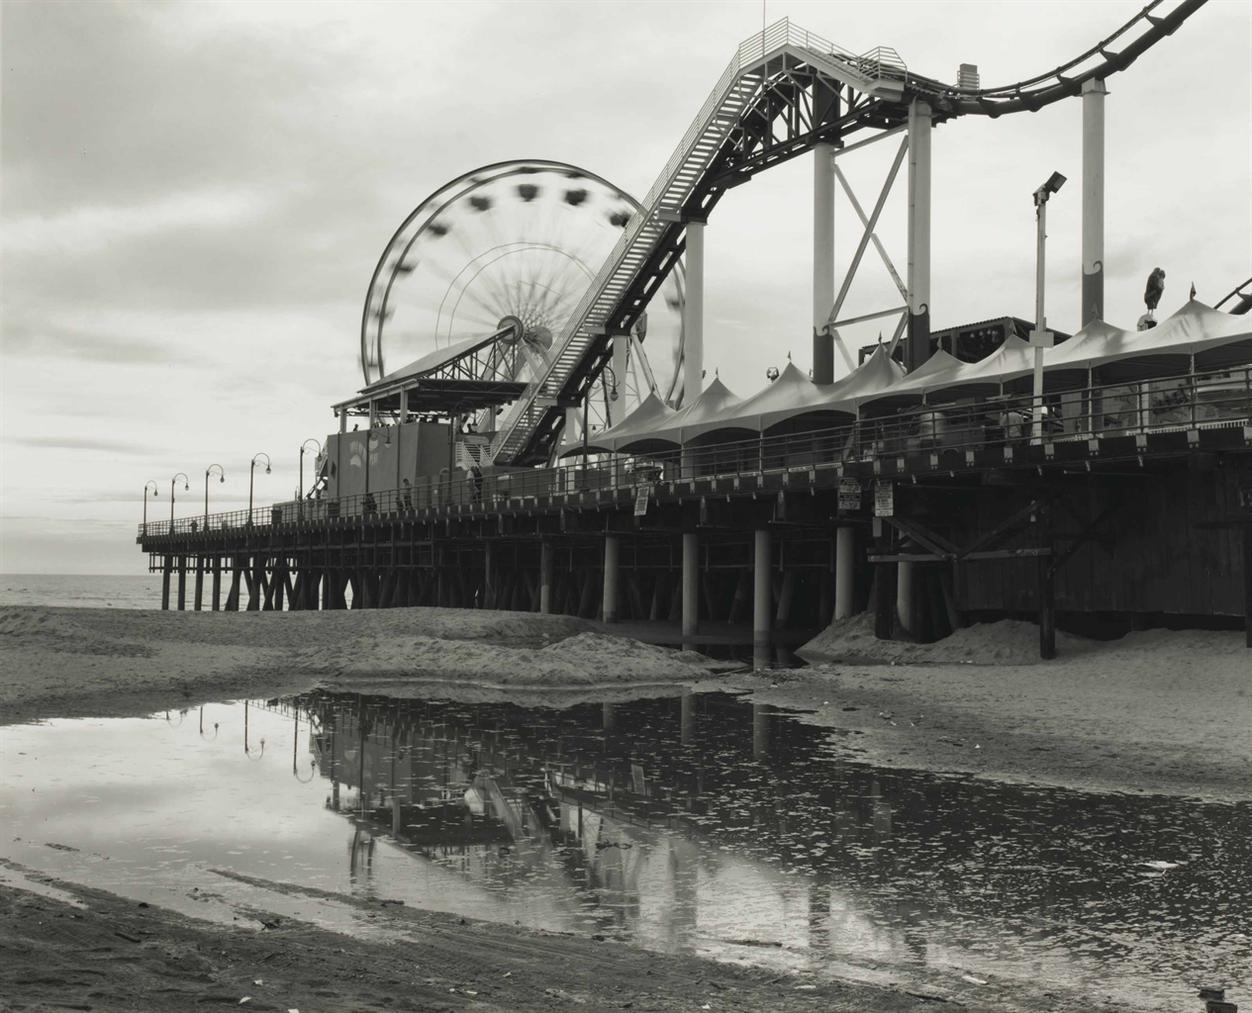 James Welling-Ferris Wheel, Los Angeles-2003